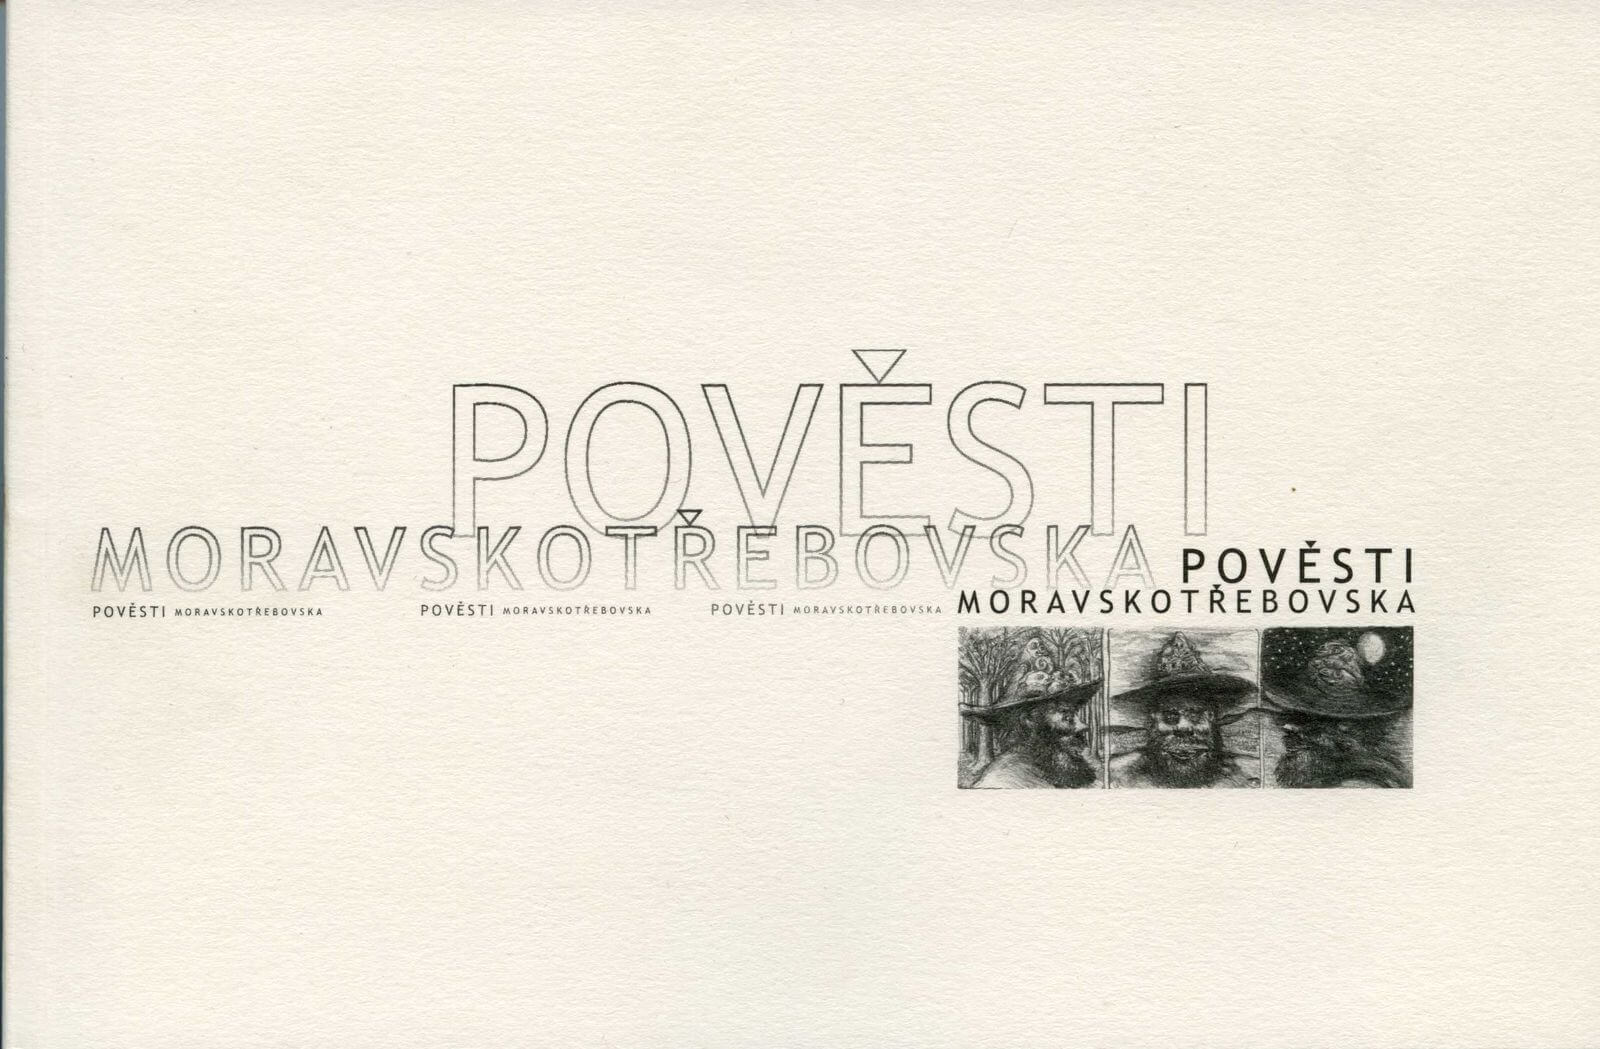 Pověsti Moravskotřebovska